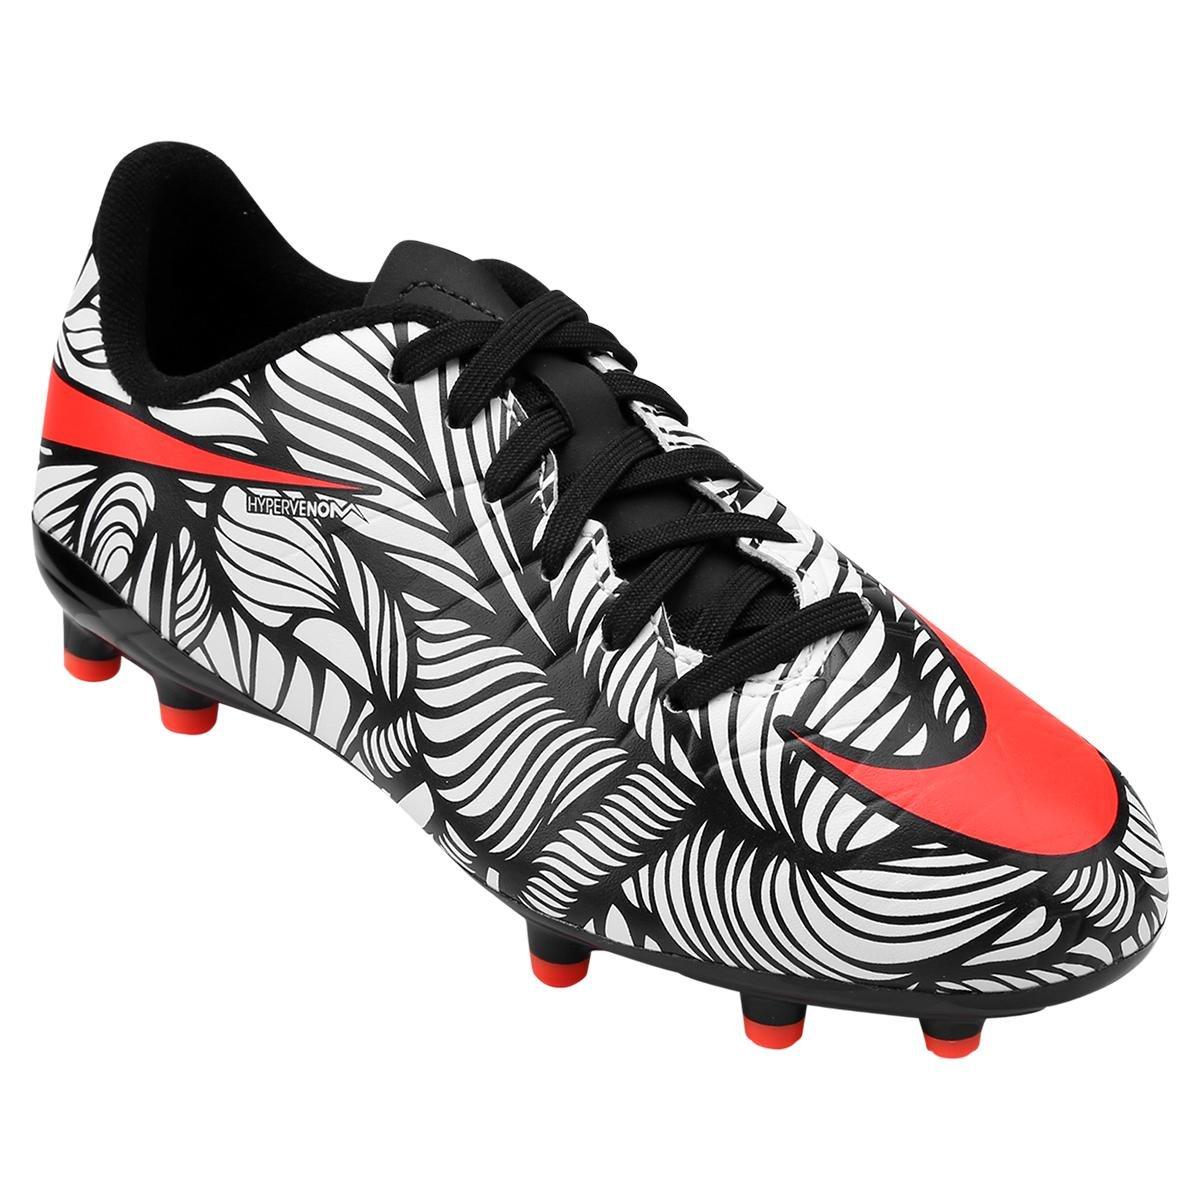 4c5bc8272469c Chuteira Nike Hypervenom Phelon 2 NJR FG Campo Infantil | Shop Timão